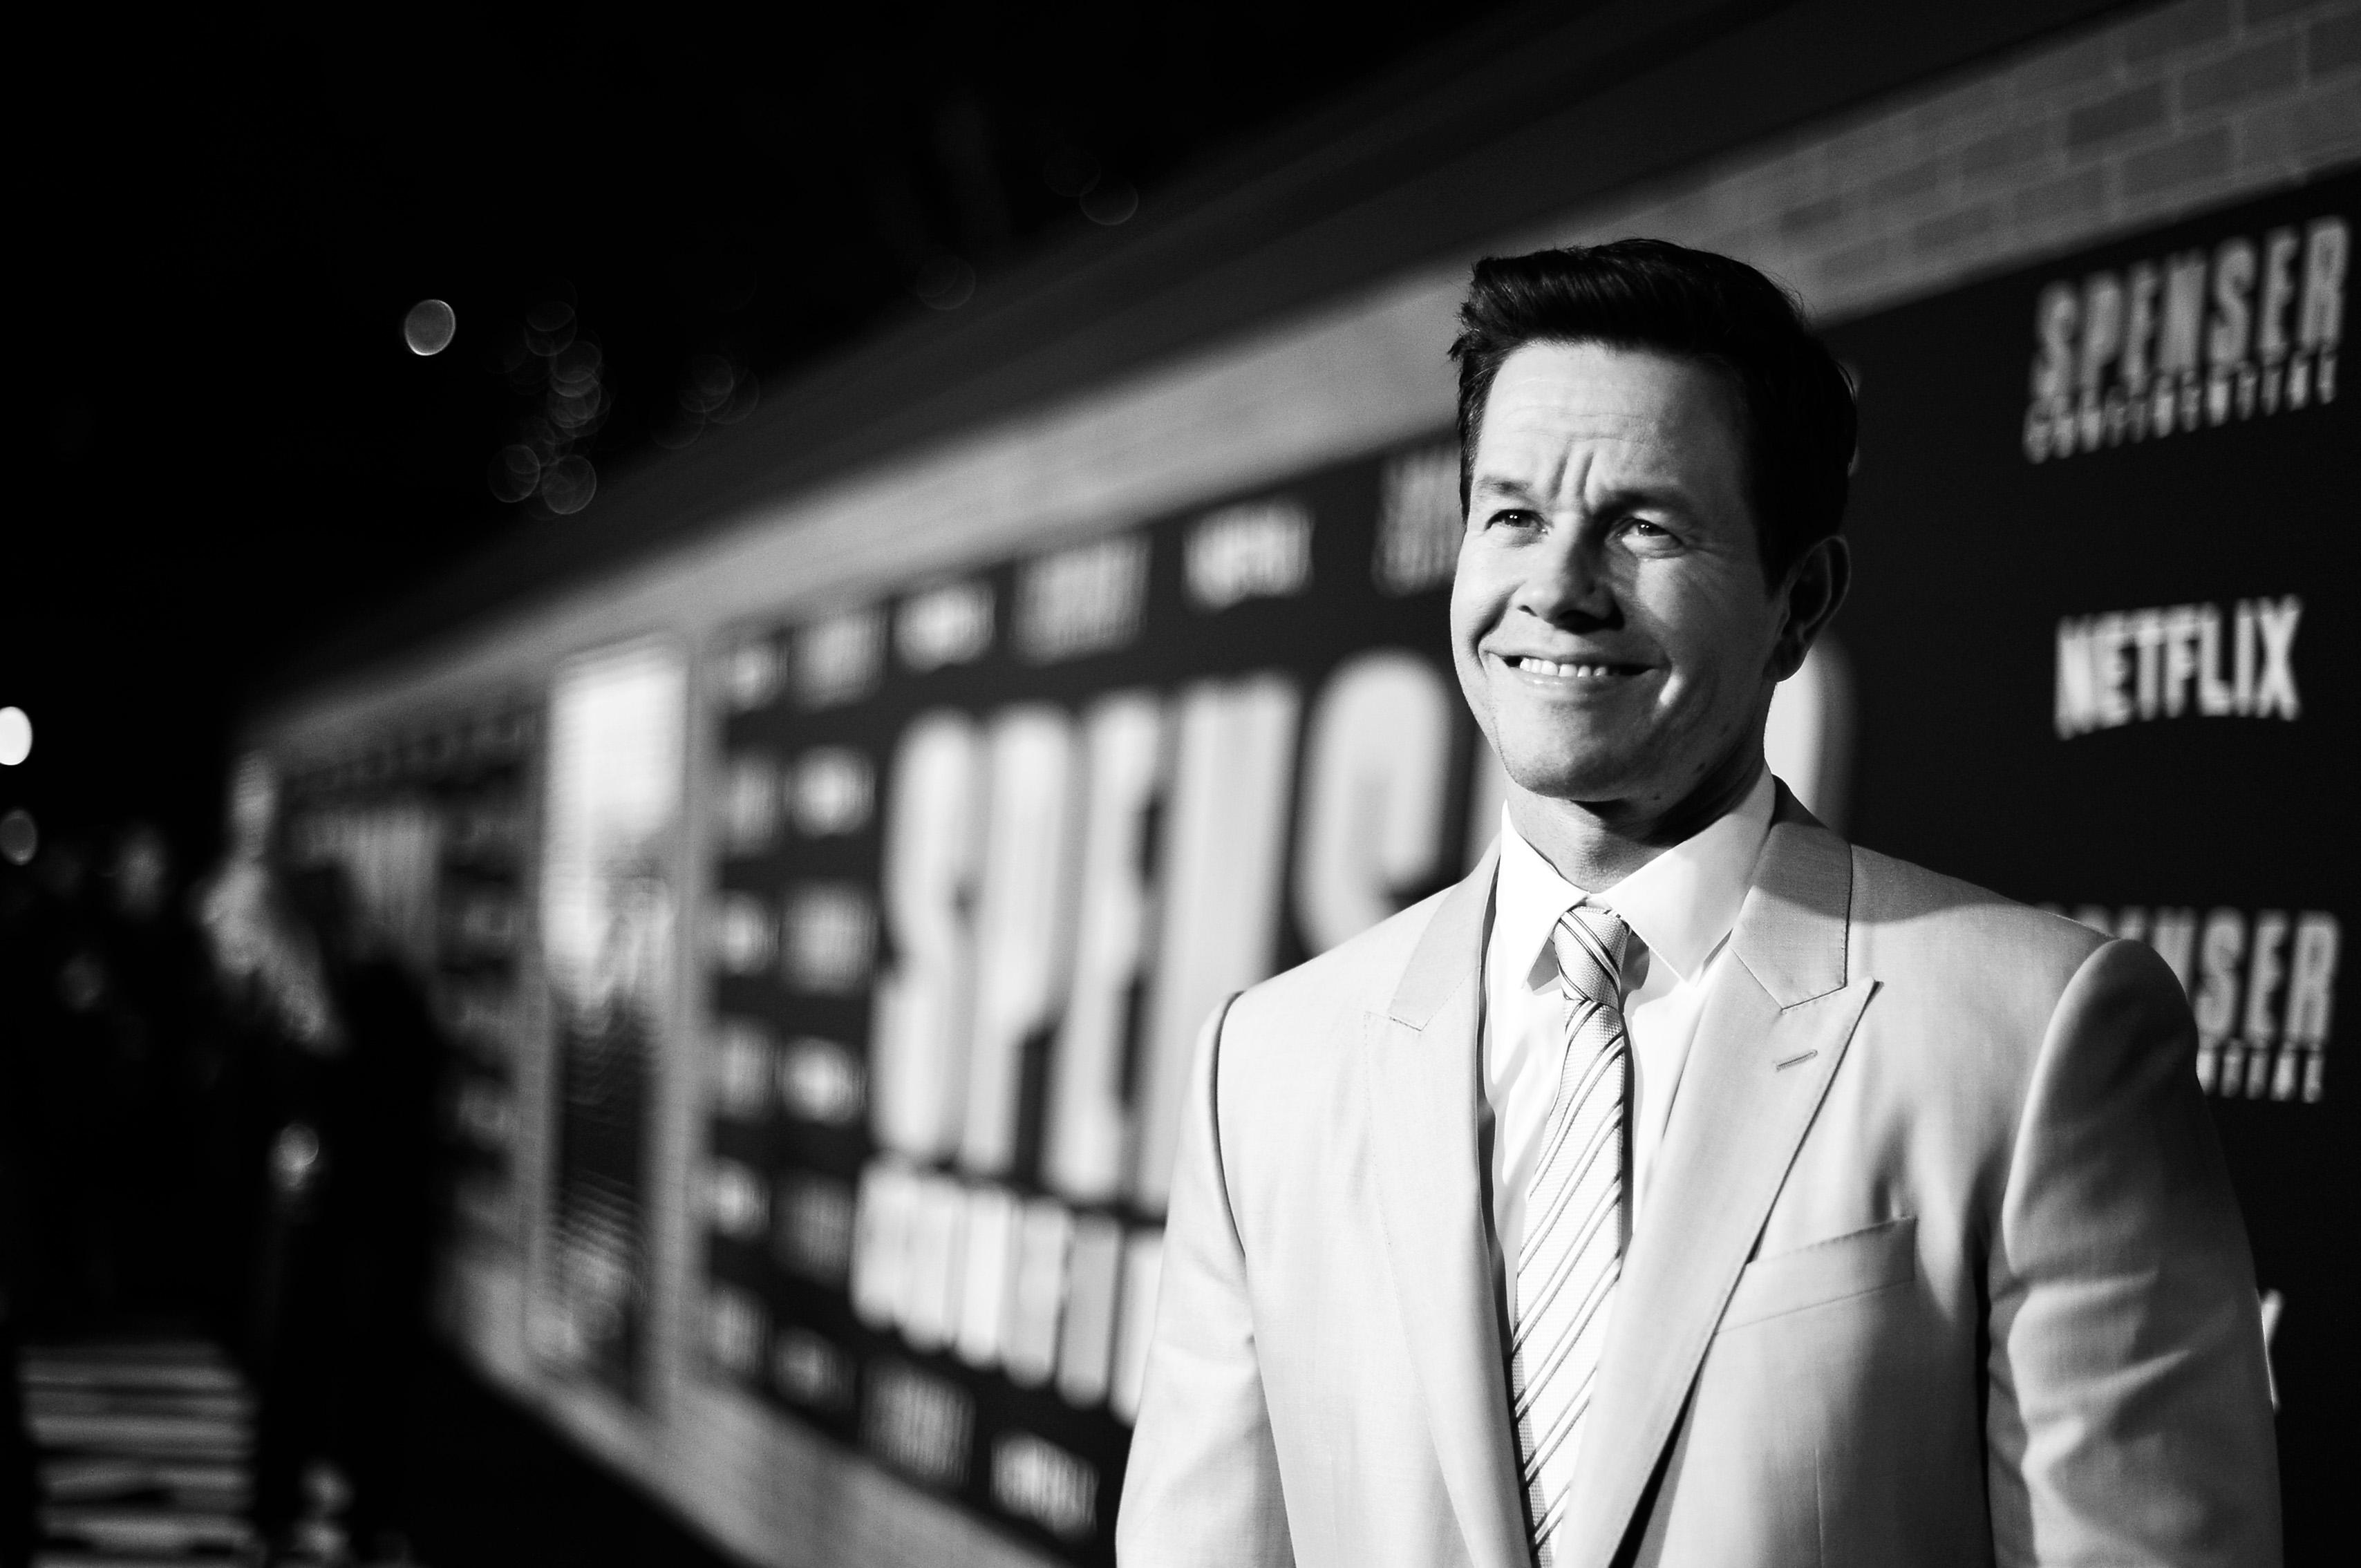 Iliza Shlesinger Mark Wahlberg Spenser Confidential Spenser Confidential 2020 In 2020 With Images Free